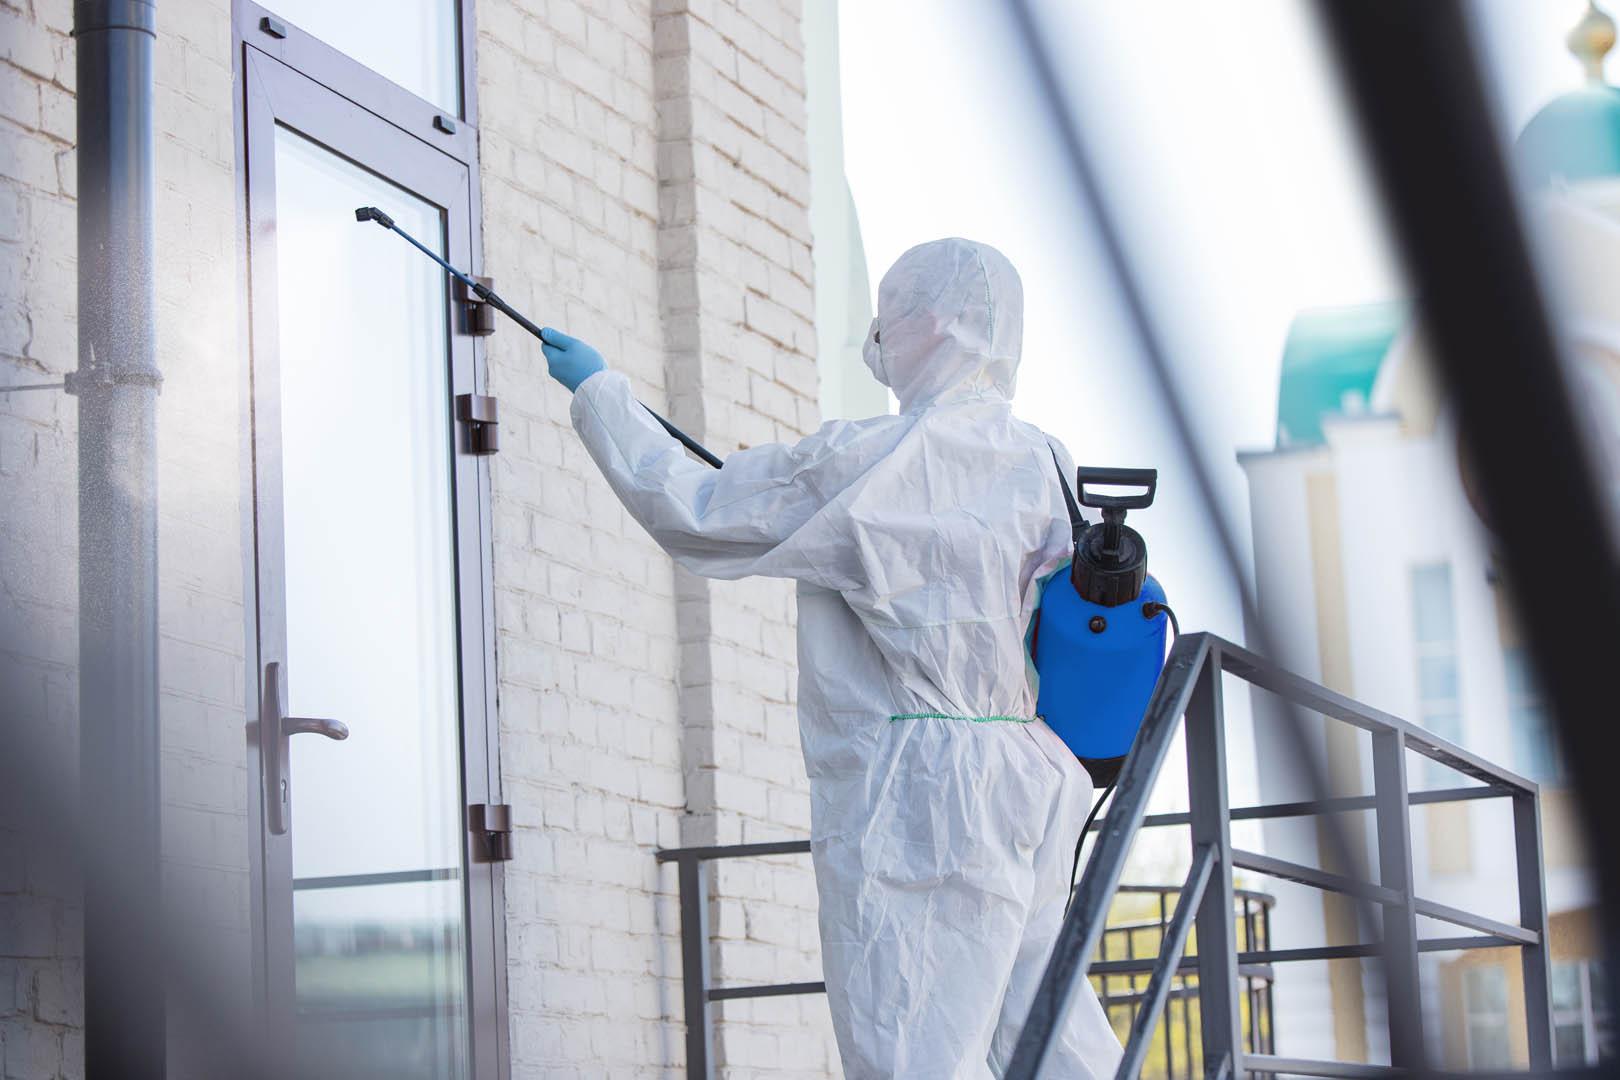 sanificazione merano ozono - Sanificazione e disinfezione